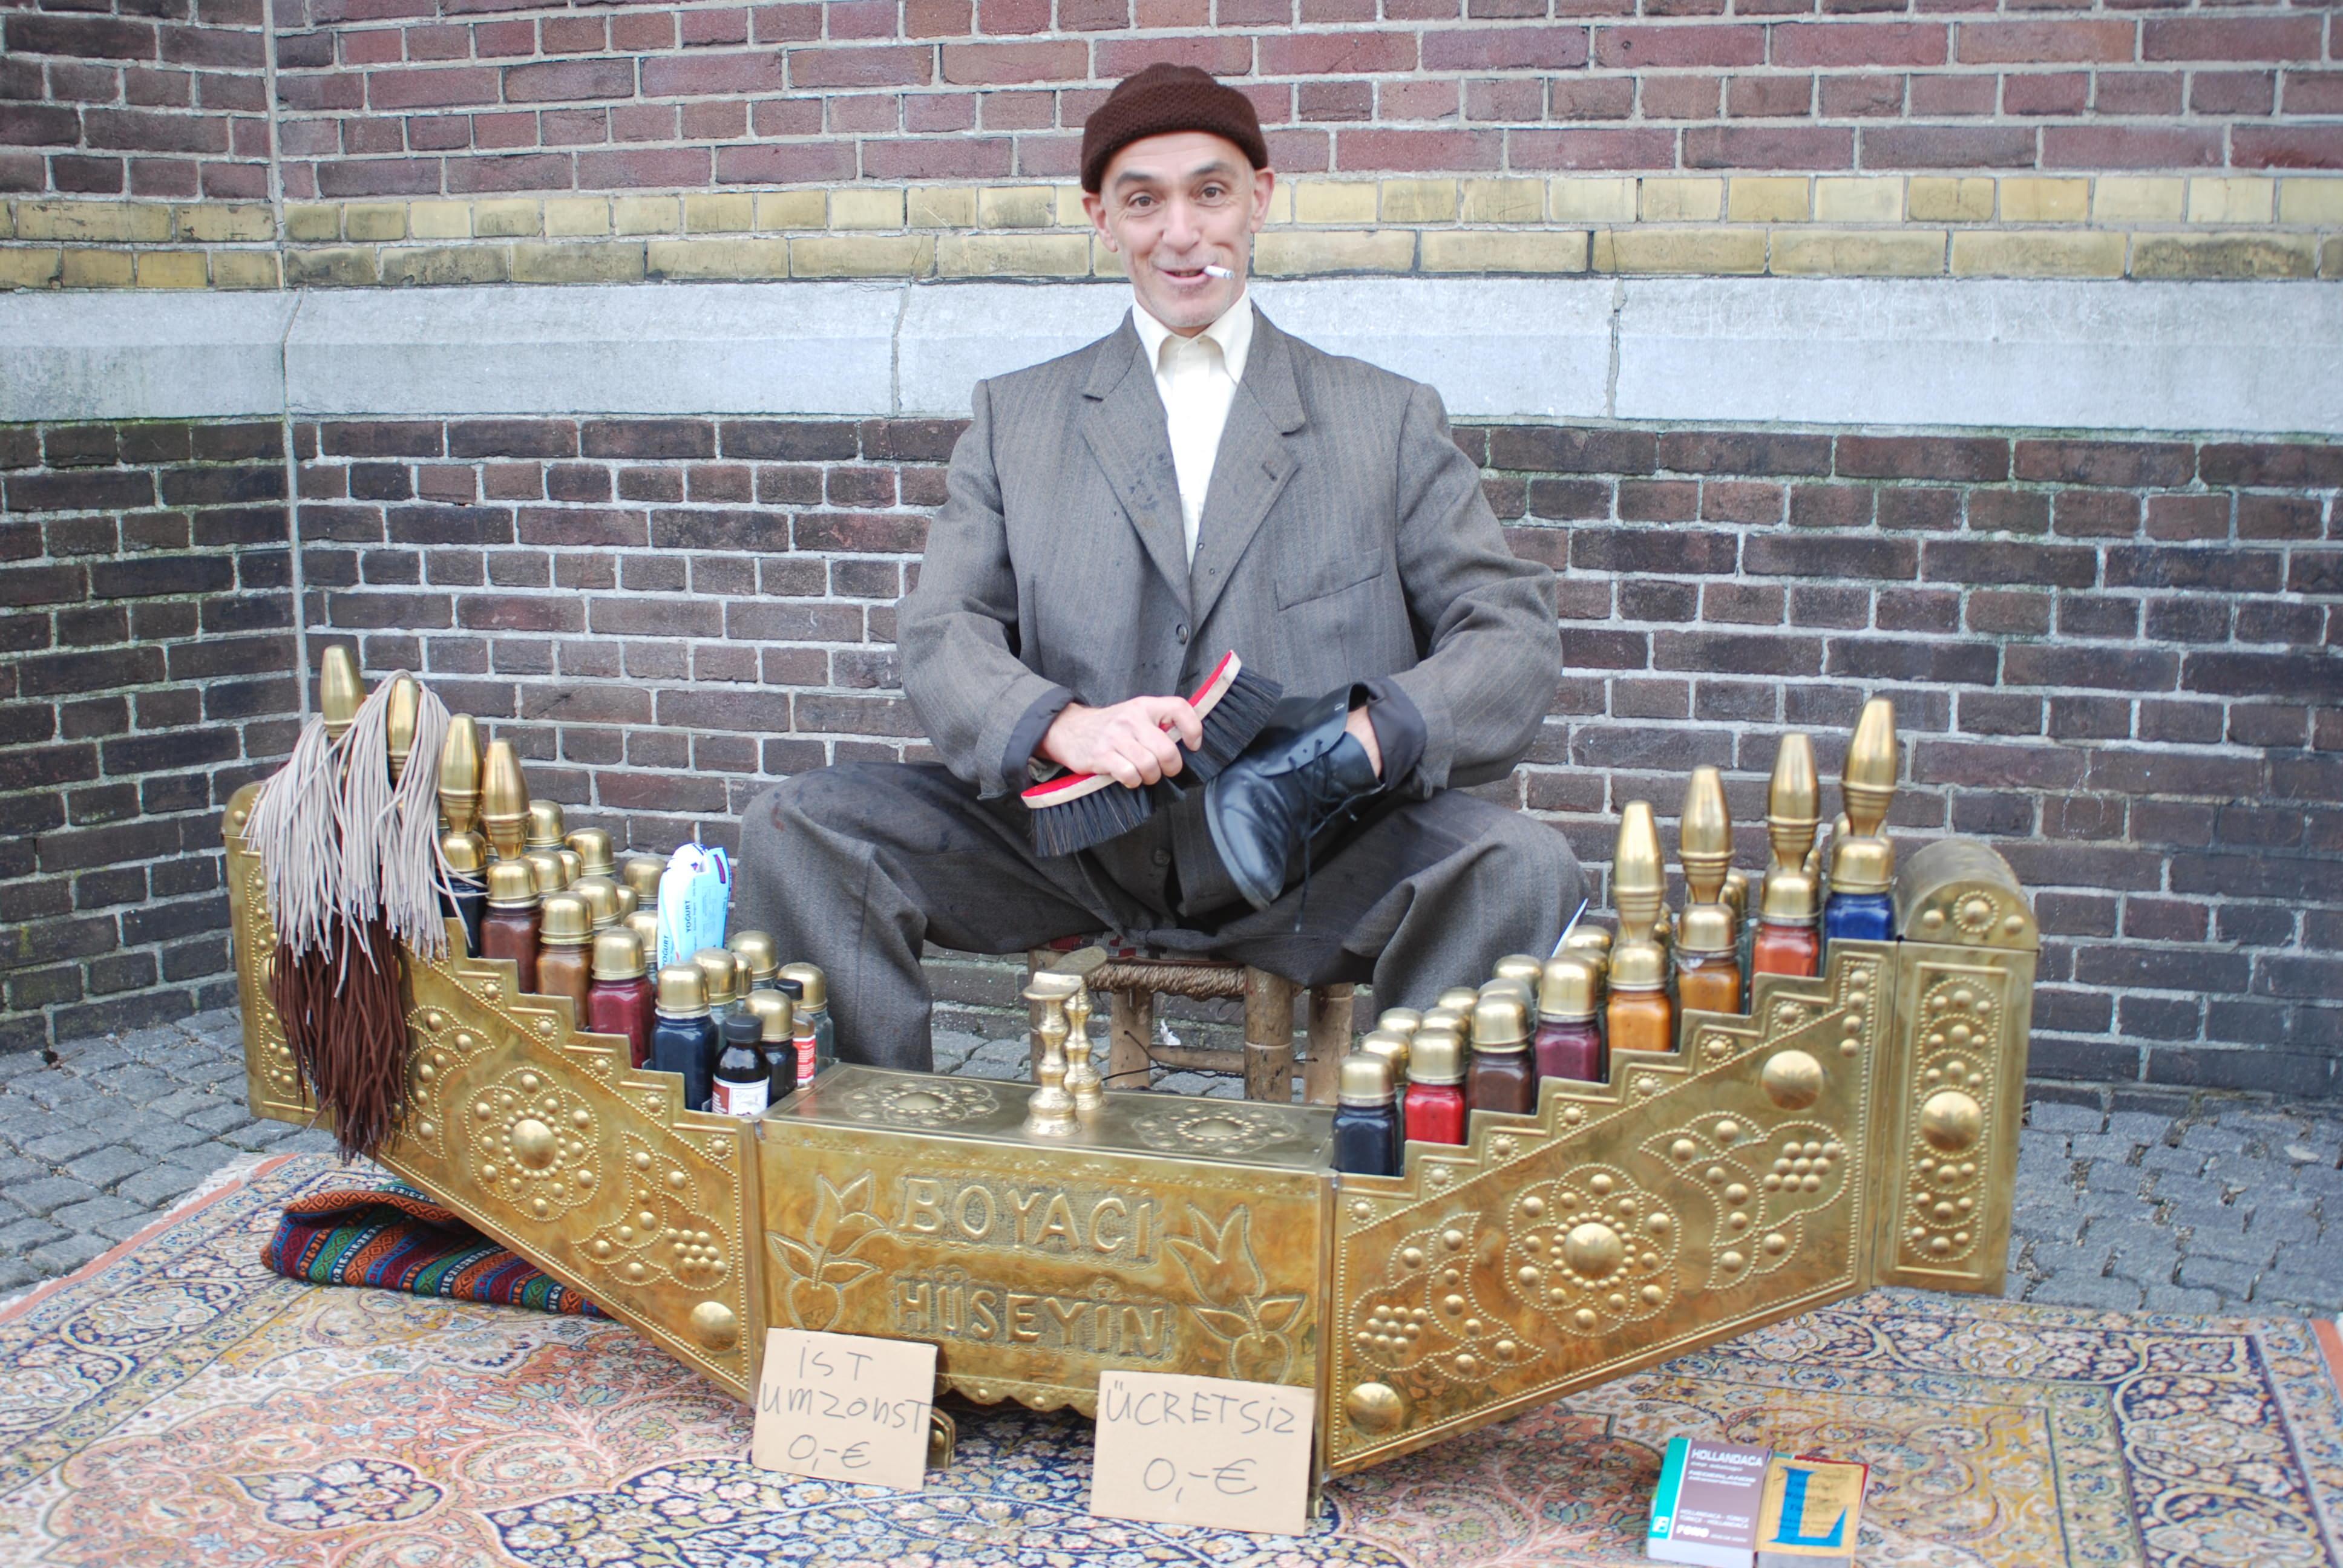 Turkse schoenpoetser Boyacl Hüseyin